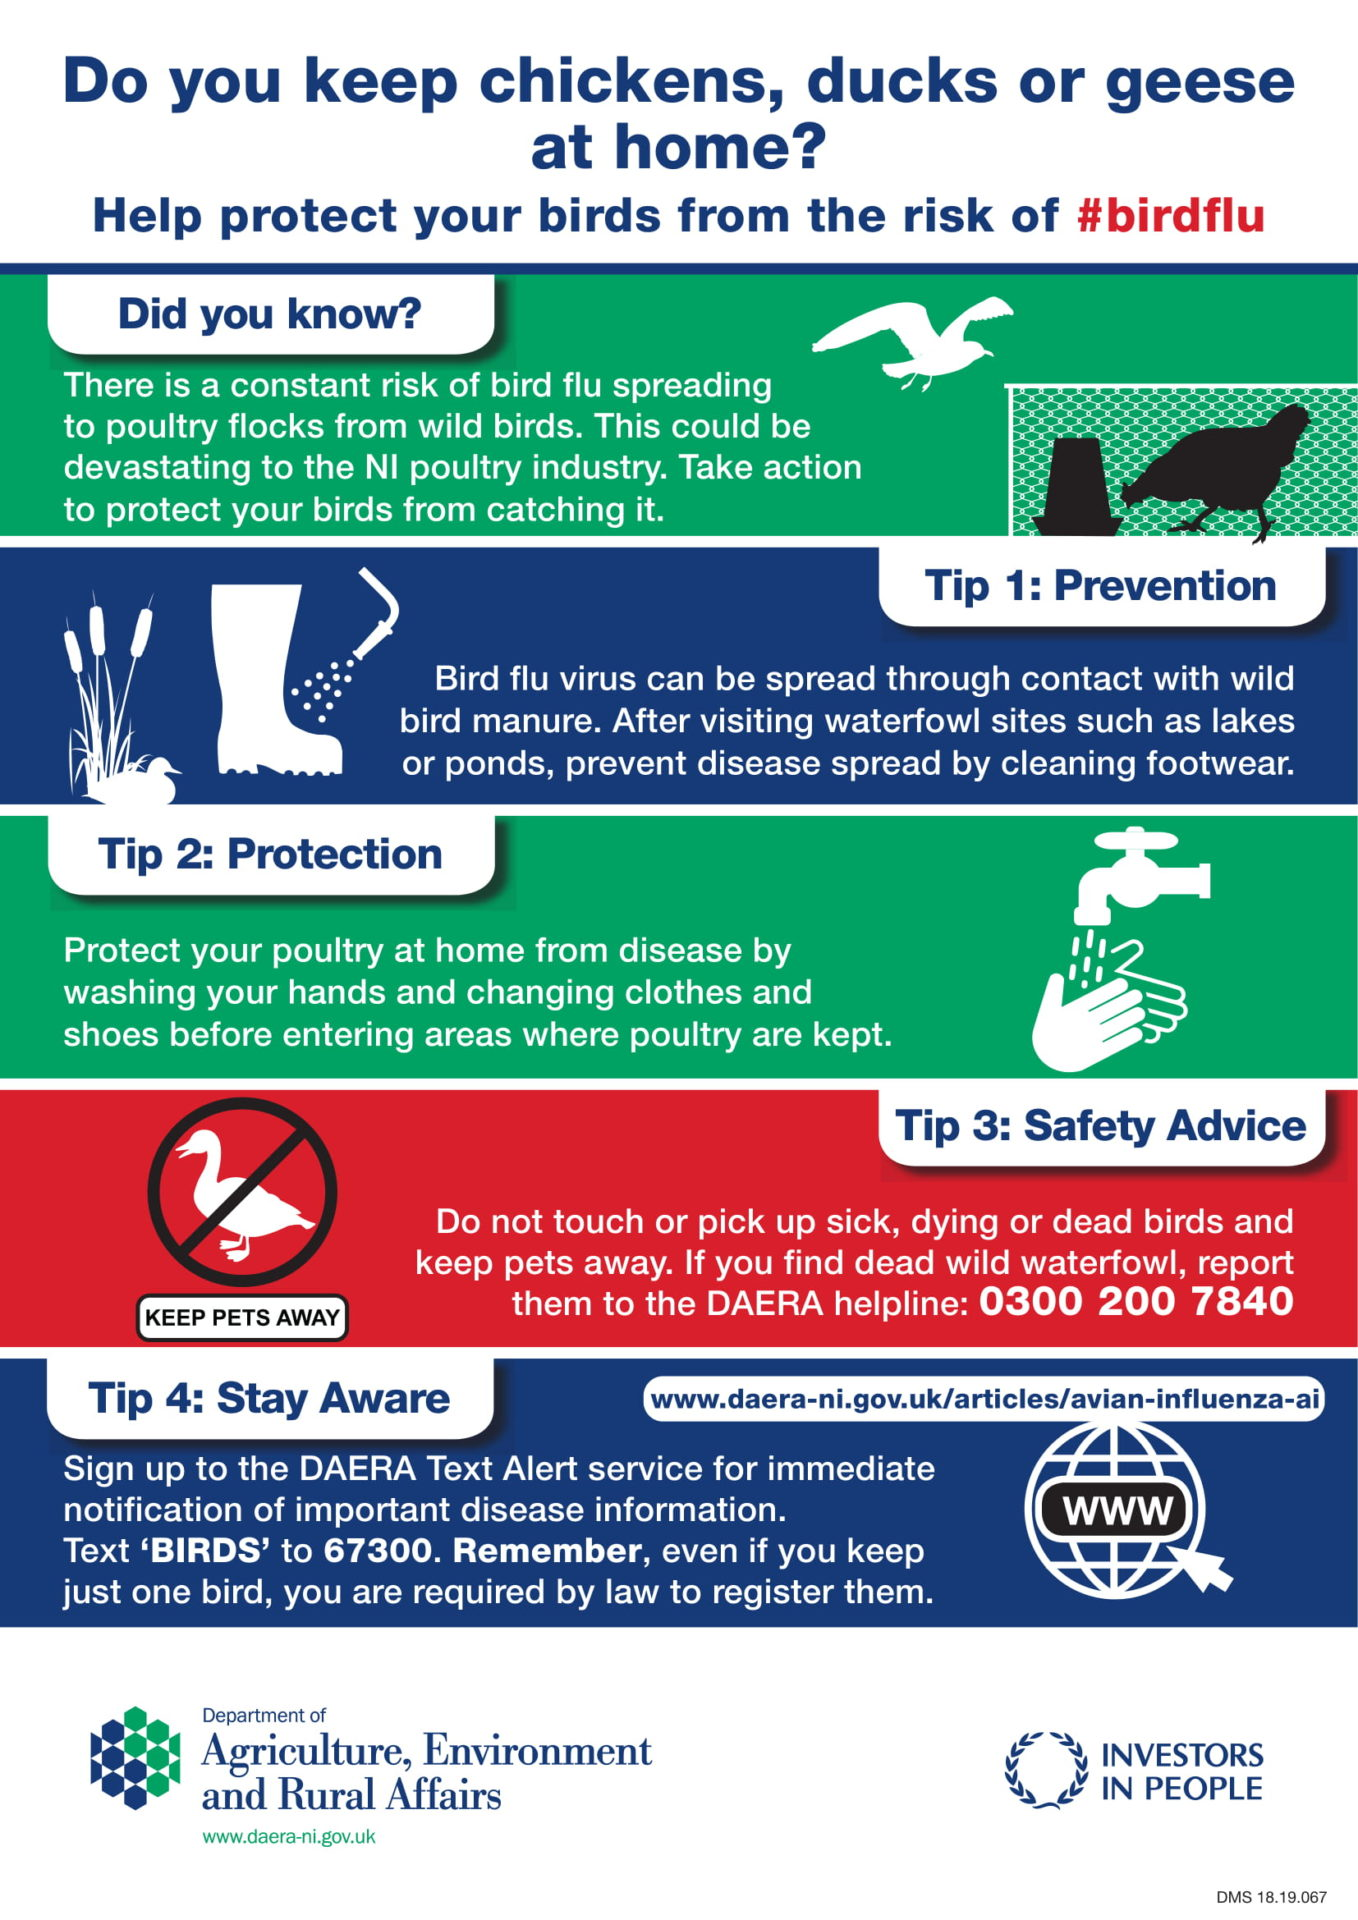 18.19.067 DAERA Avian Influenza A4 Poster(3) 1 (1)